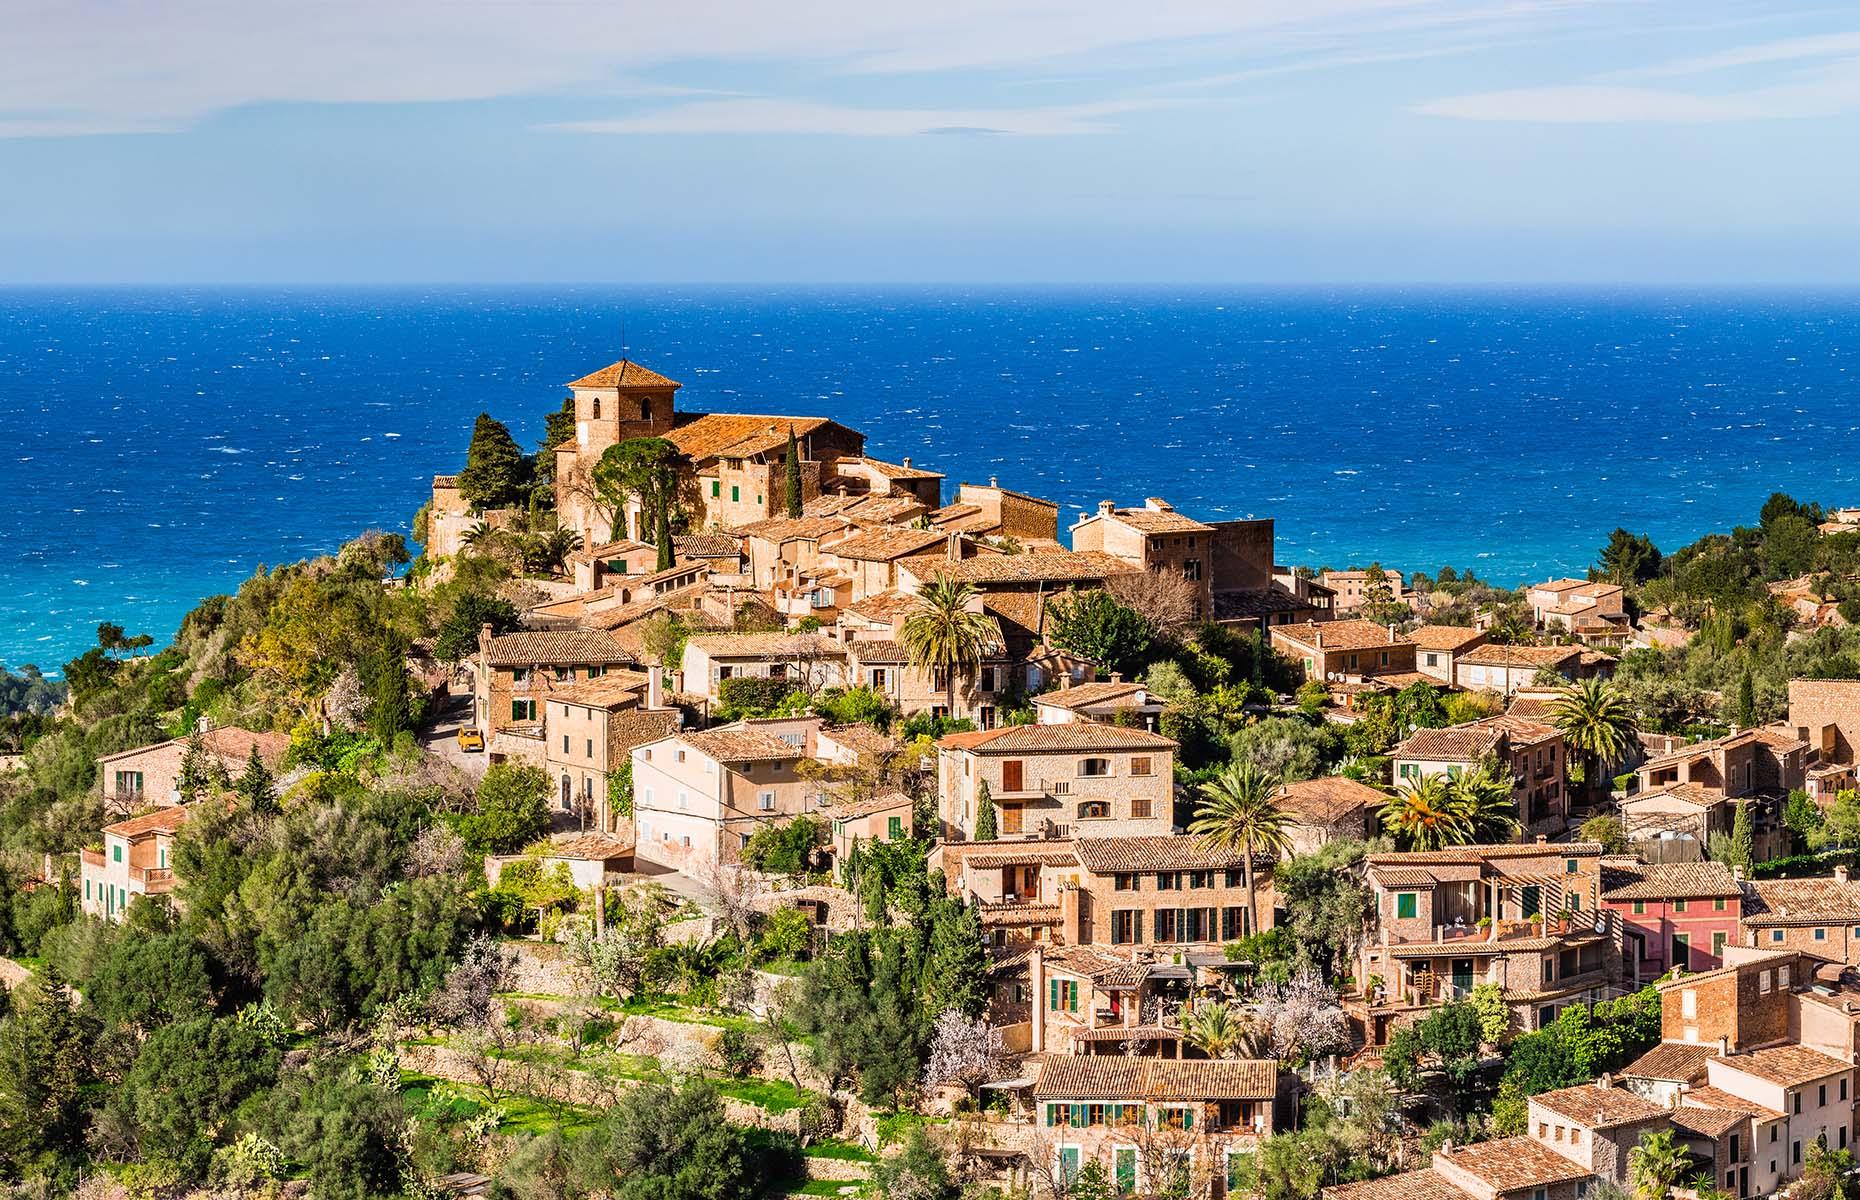 Deià in Mallorca (Image: vulcano/Shutterstock)